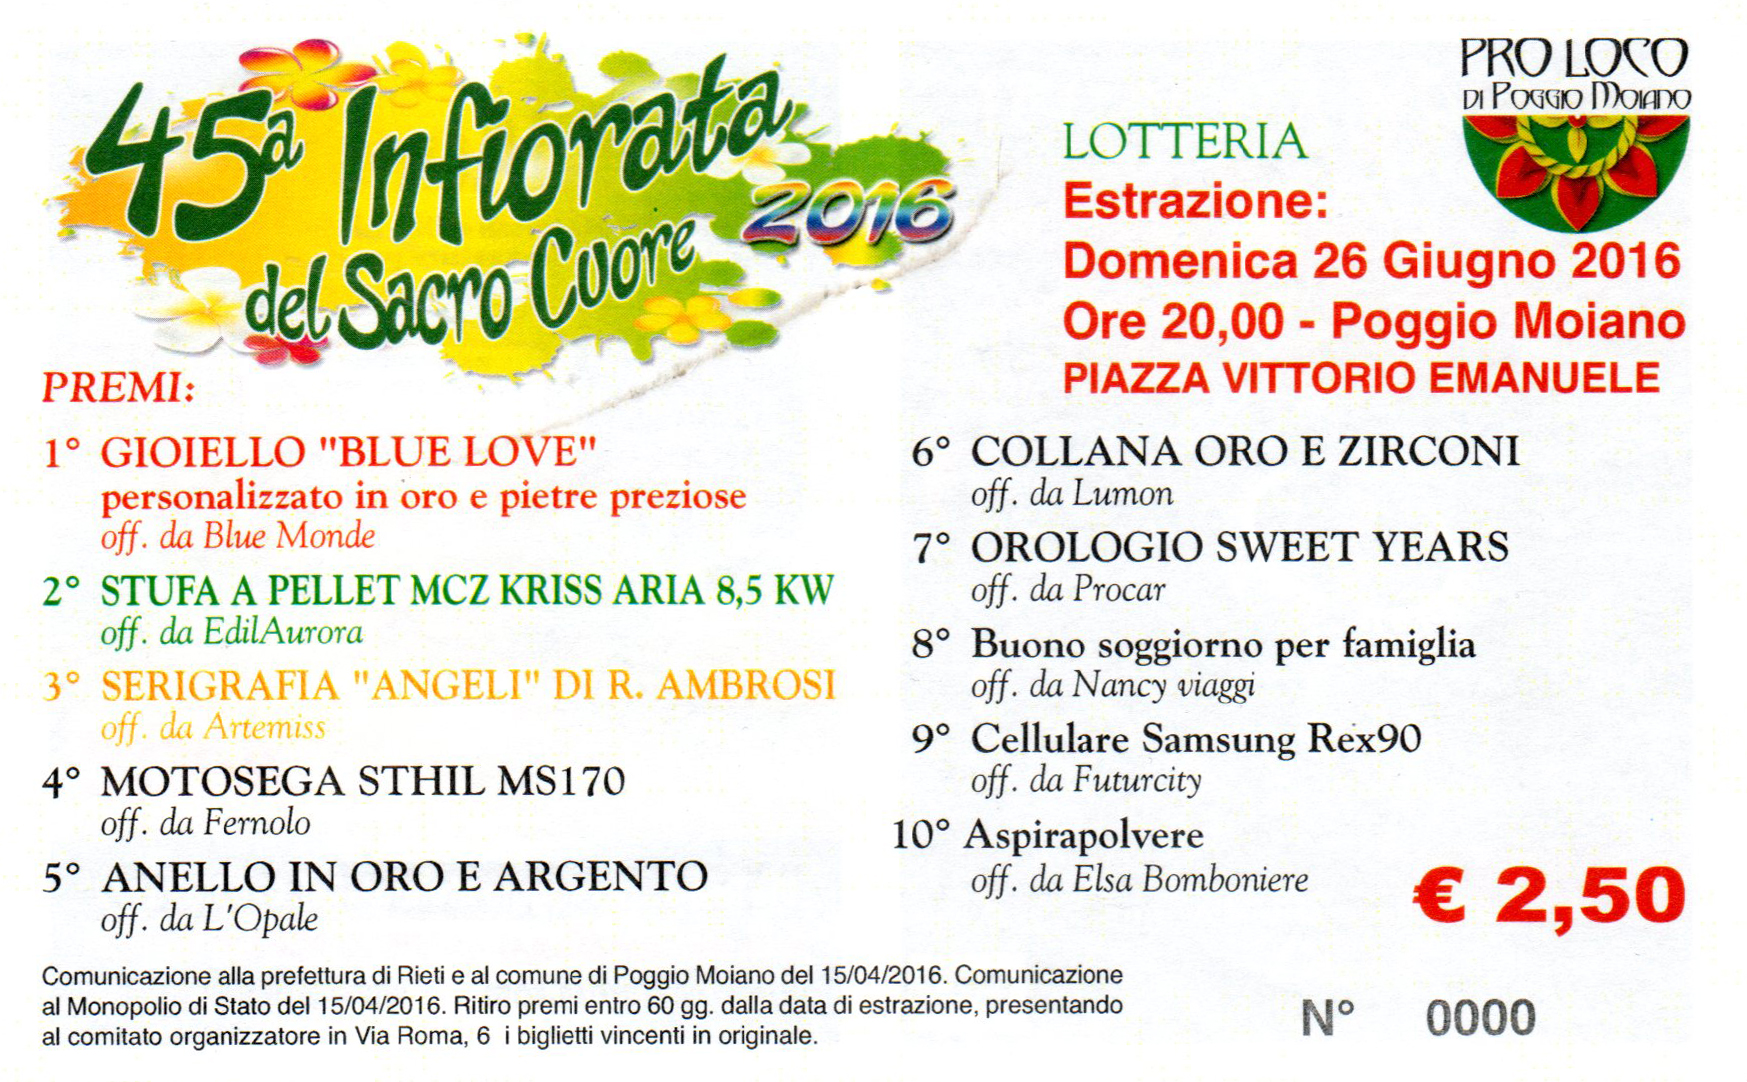 Lotteria Infiorata 2016 - Poggio Moiano